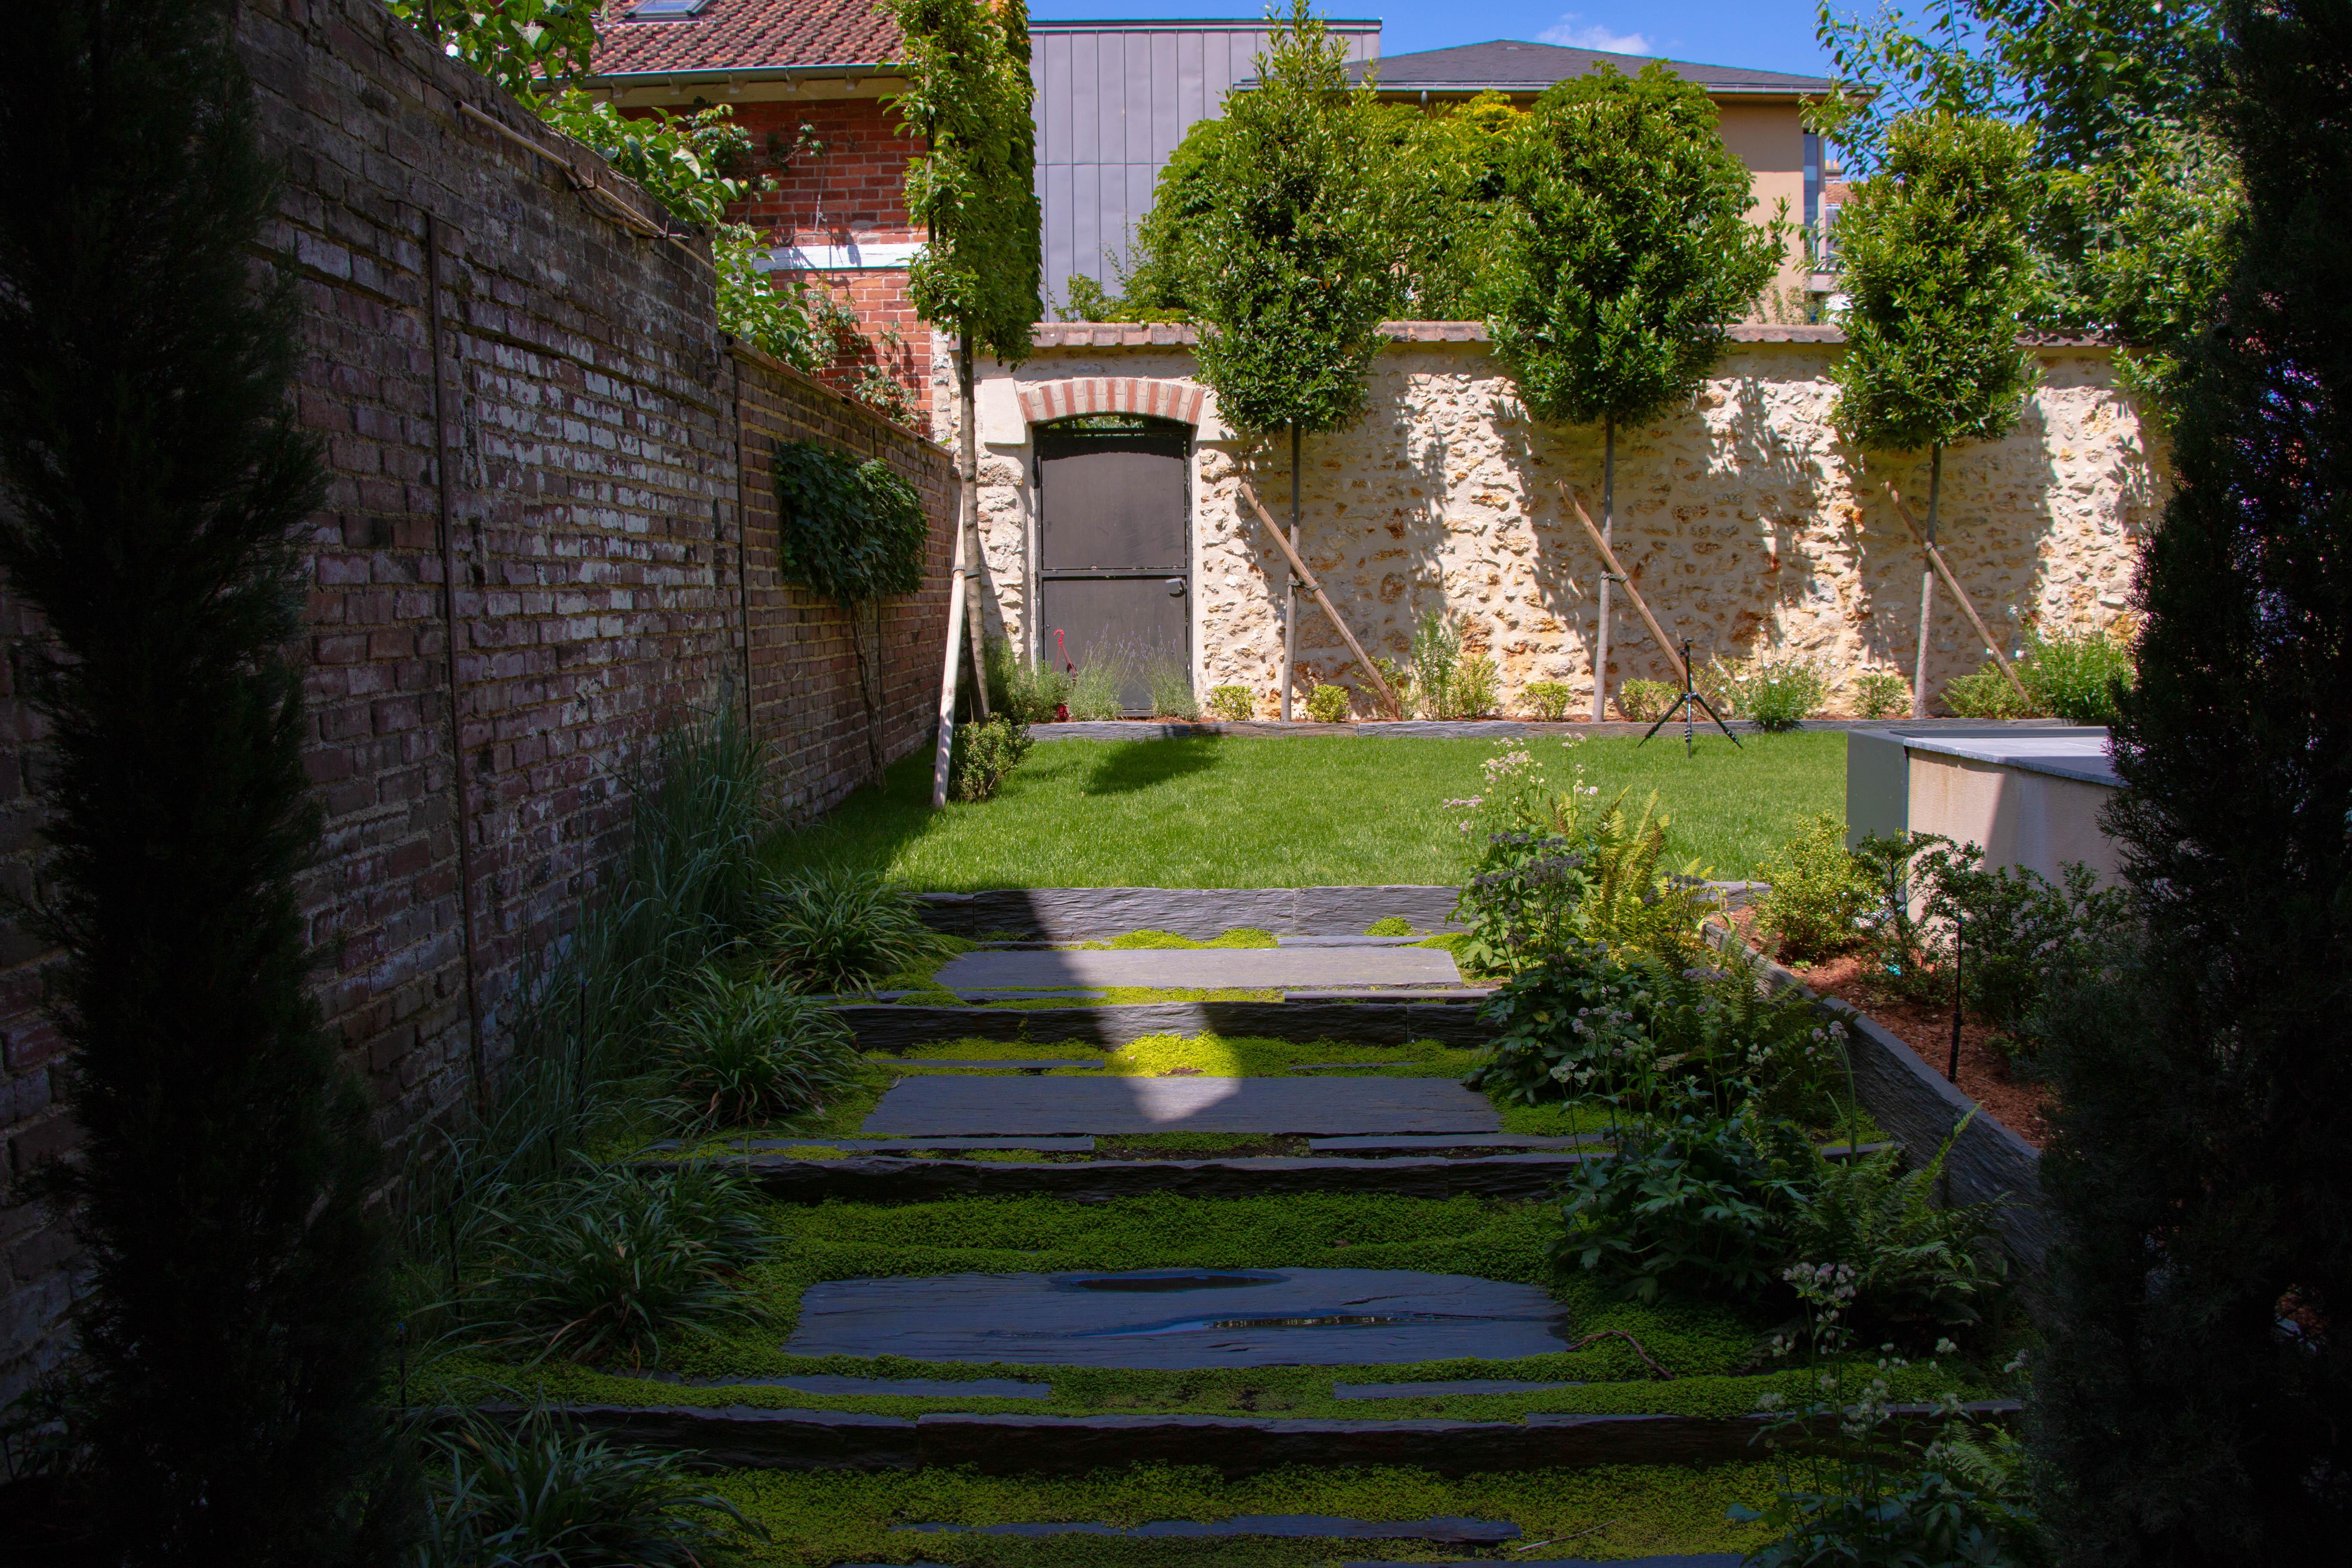 escalier-echalas-ardoise-roots-paysages.